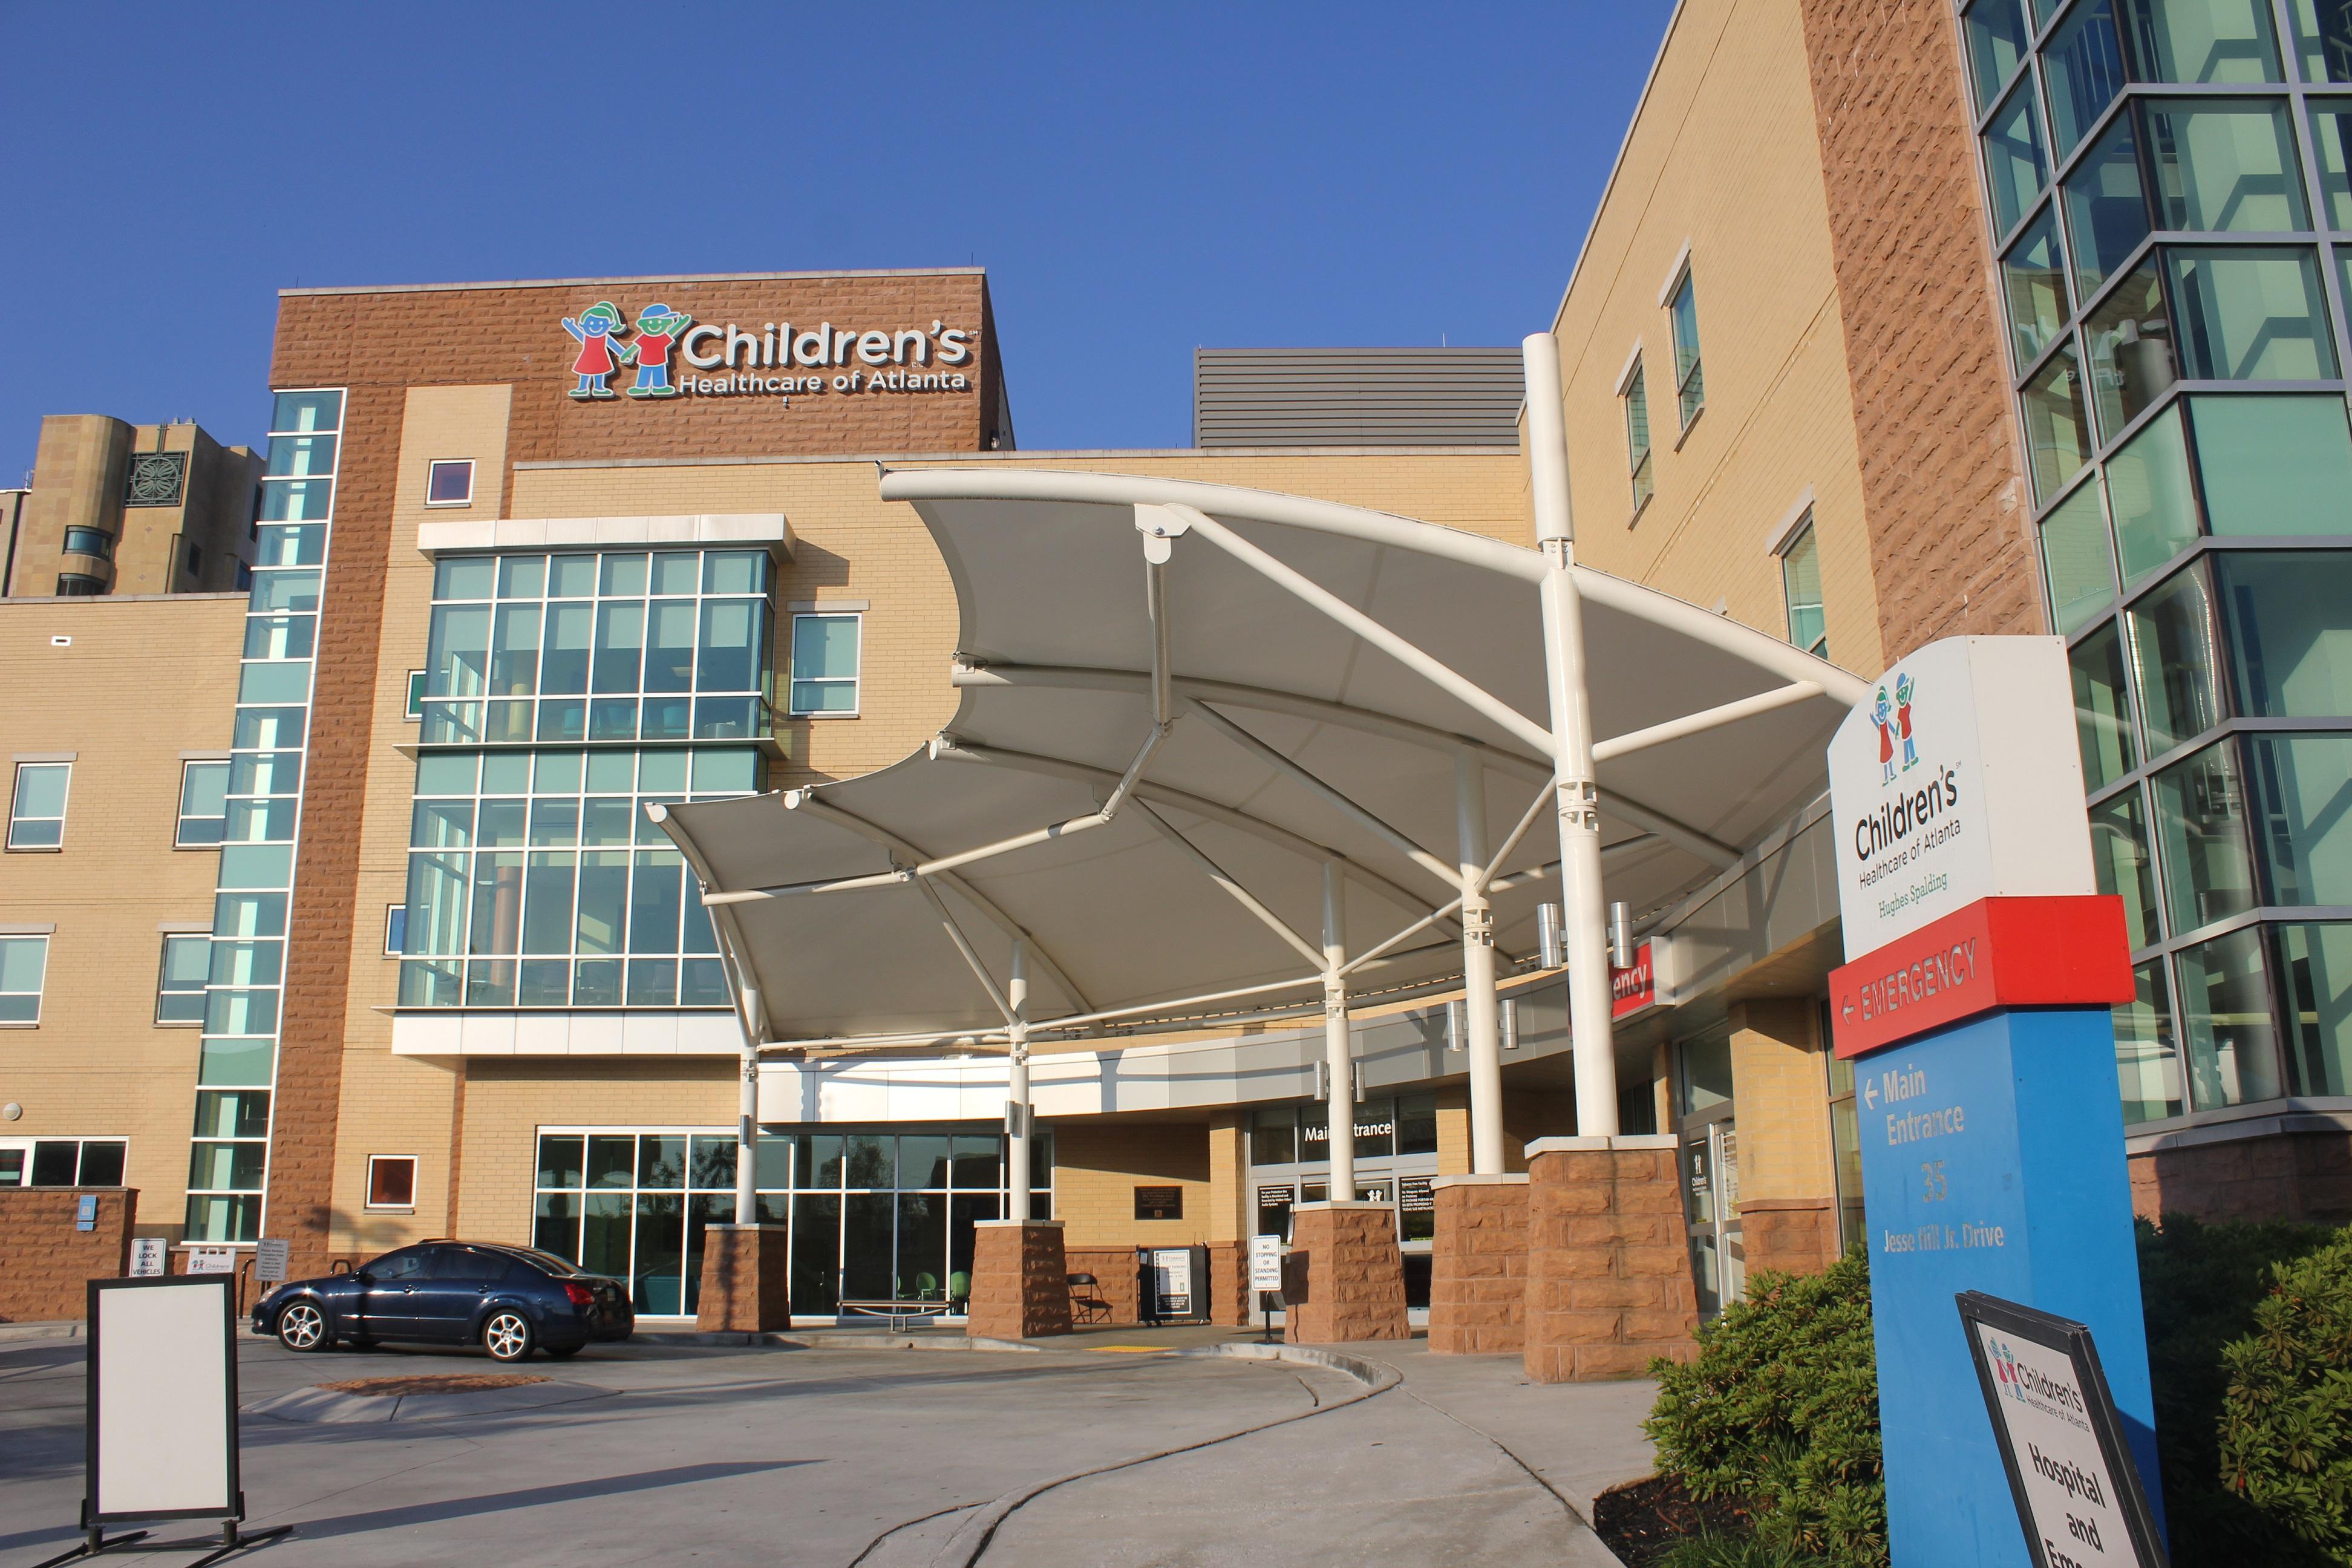 Children's Healthcare of Atlanta Child Advocacy - Hughes